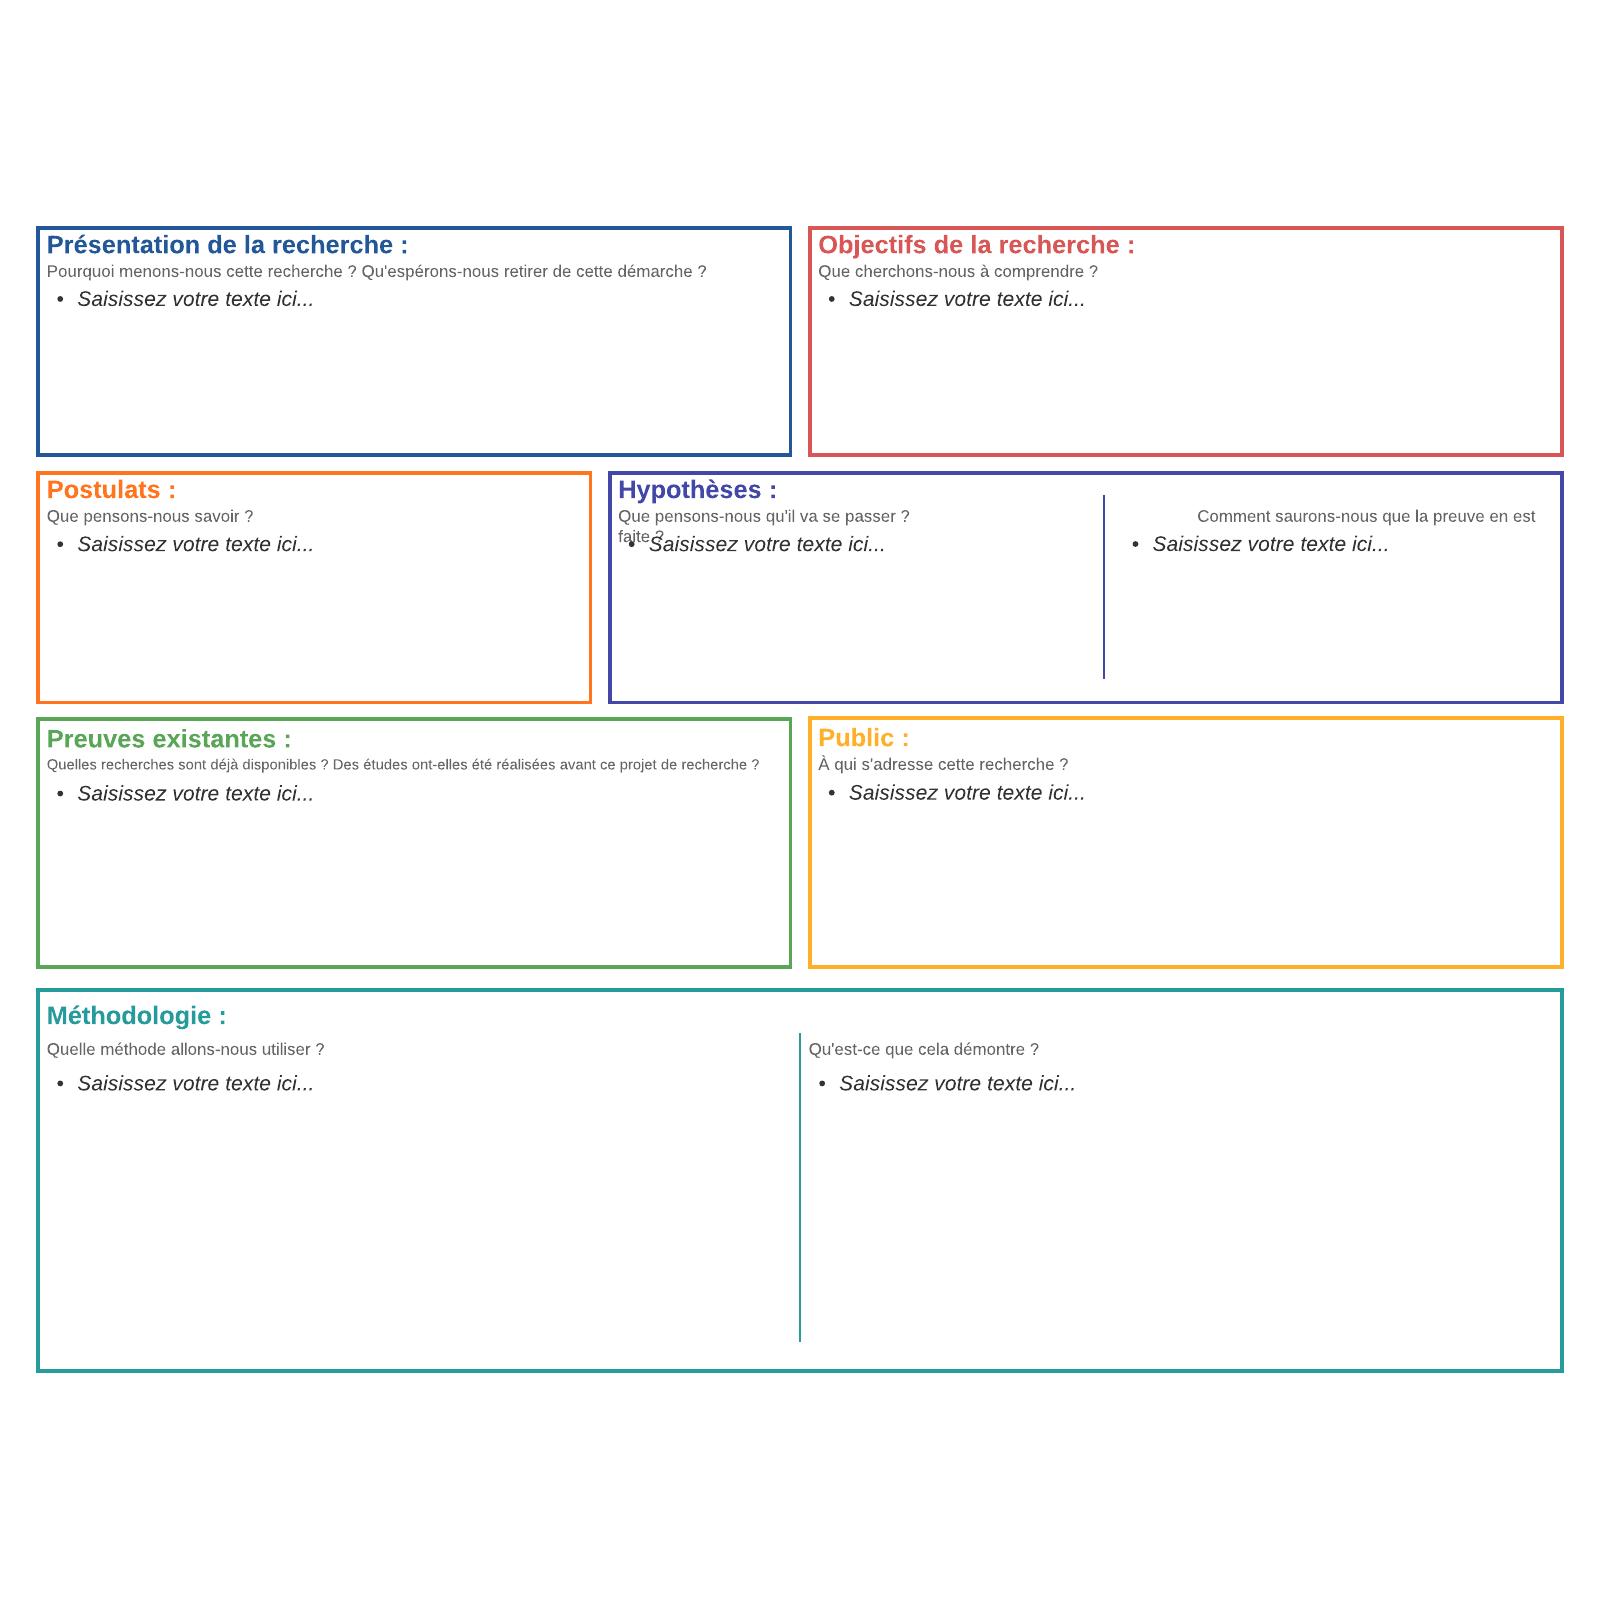 exemple de canevas de recherche UX vierge